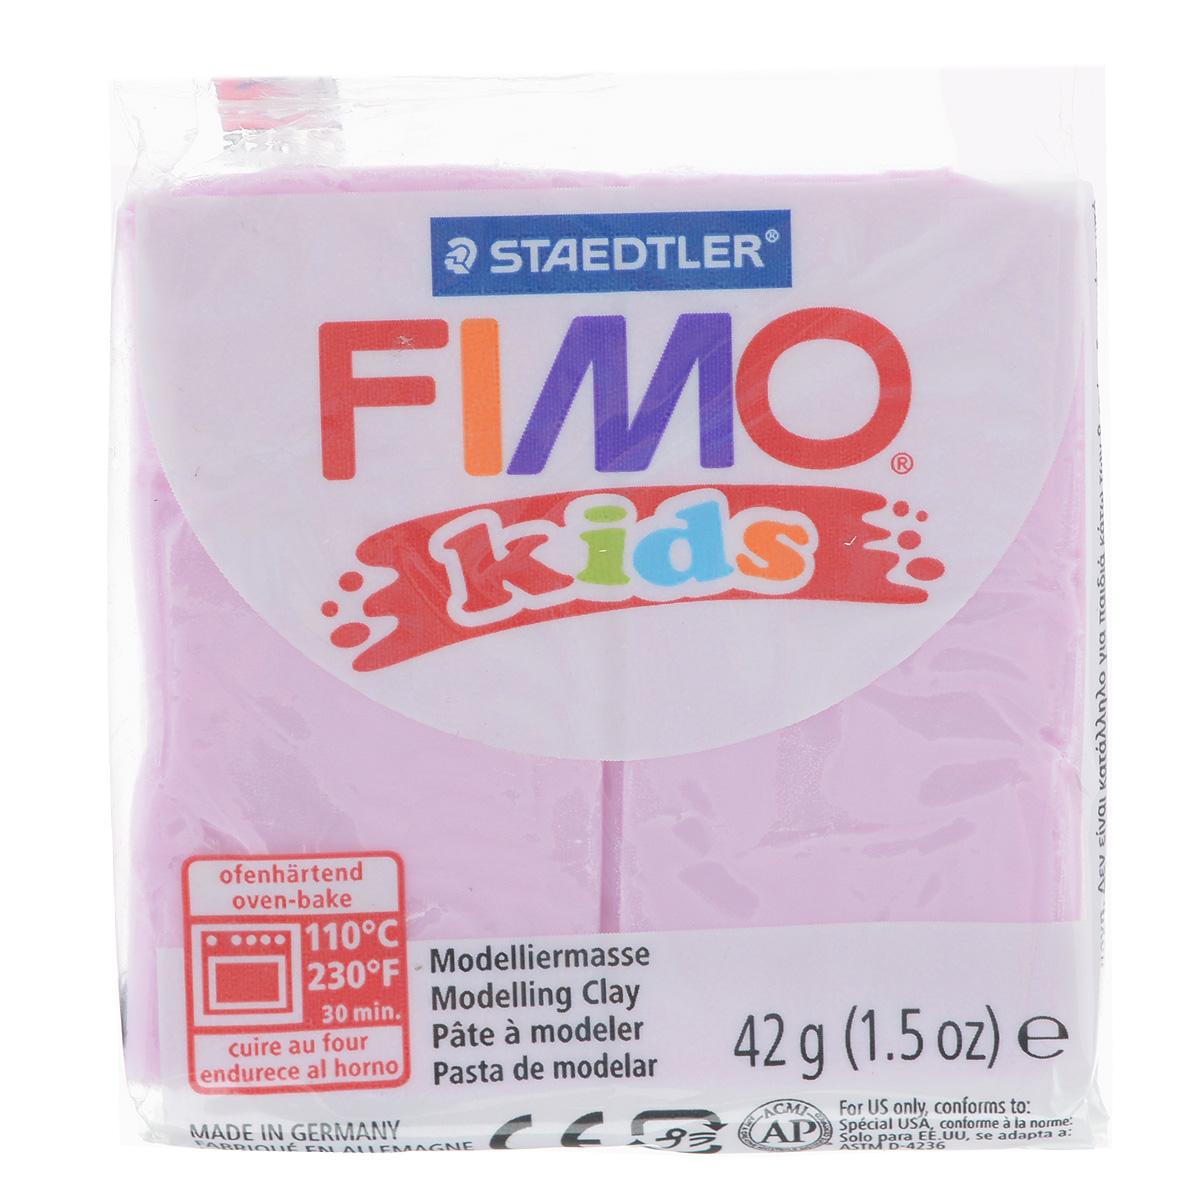 ���������� ����� ��� ����� Fimo Kids, ����: �����-������� (25), 42 � - Fimo8030-25������ ����� �� ���������� ������ (��������) Fimo Kids �������� �������� ��� ����� ��������� ������� (���������, �����������, �����) � ��� �������������. ����� �������� ��������� ����������� ����������, ������ ������������ � �������, ����� ����������� ����� �����, ��������� ���� ����� ������� �������� ���������� ������� ����� ������ � ��������, �� ����� ������. �������� �������� ��� ������ � ������. ���� �������� �� 2 ��������, ��� ��������� ����� ��������� ����� �� ������. � �������� �������� ������� ������� ���������� � ������� ����� ��� ����������� 110�� � ������� 15-30 ����� (� ����������� �� �������� �������). ����������� ������� ����� ���� ���������� ���������� ��������, ������� �����, ������� ���� � ������ ��� � ������� �����������.